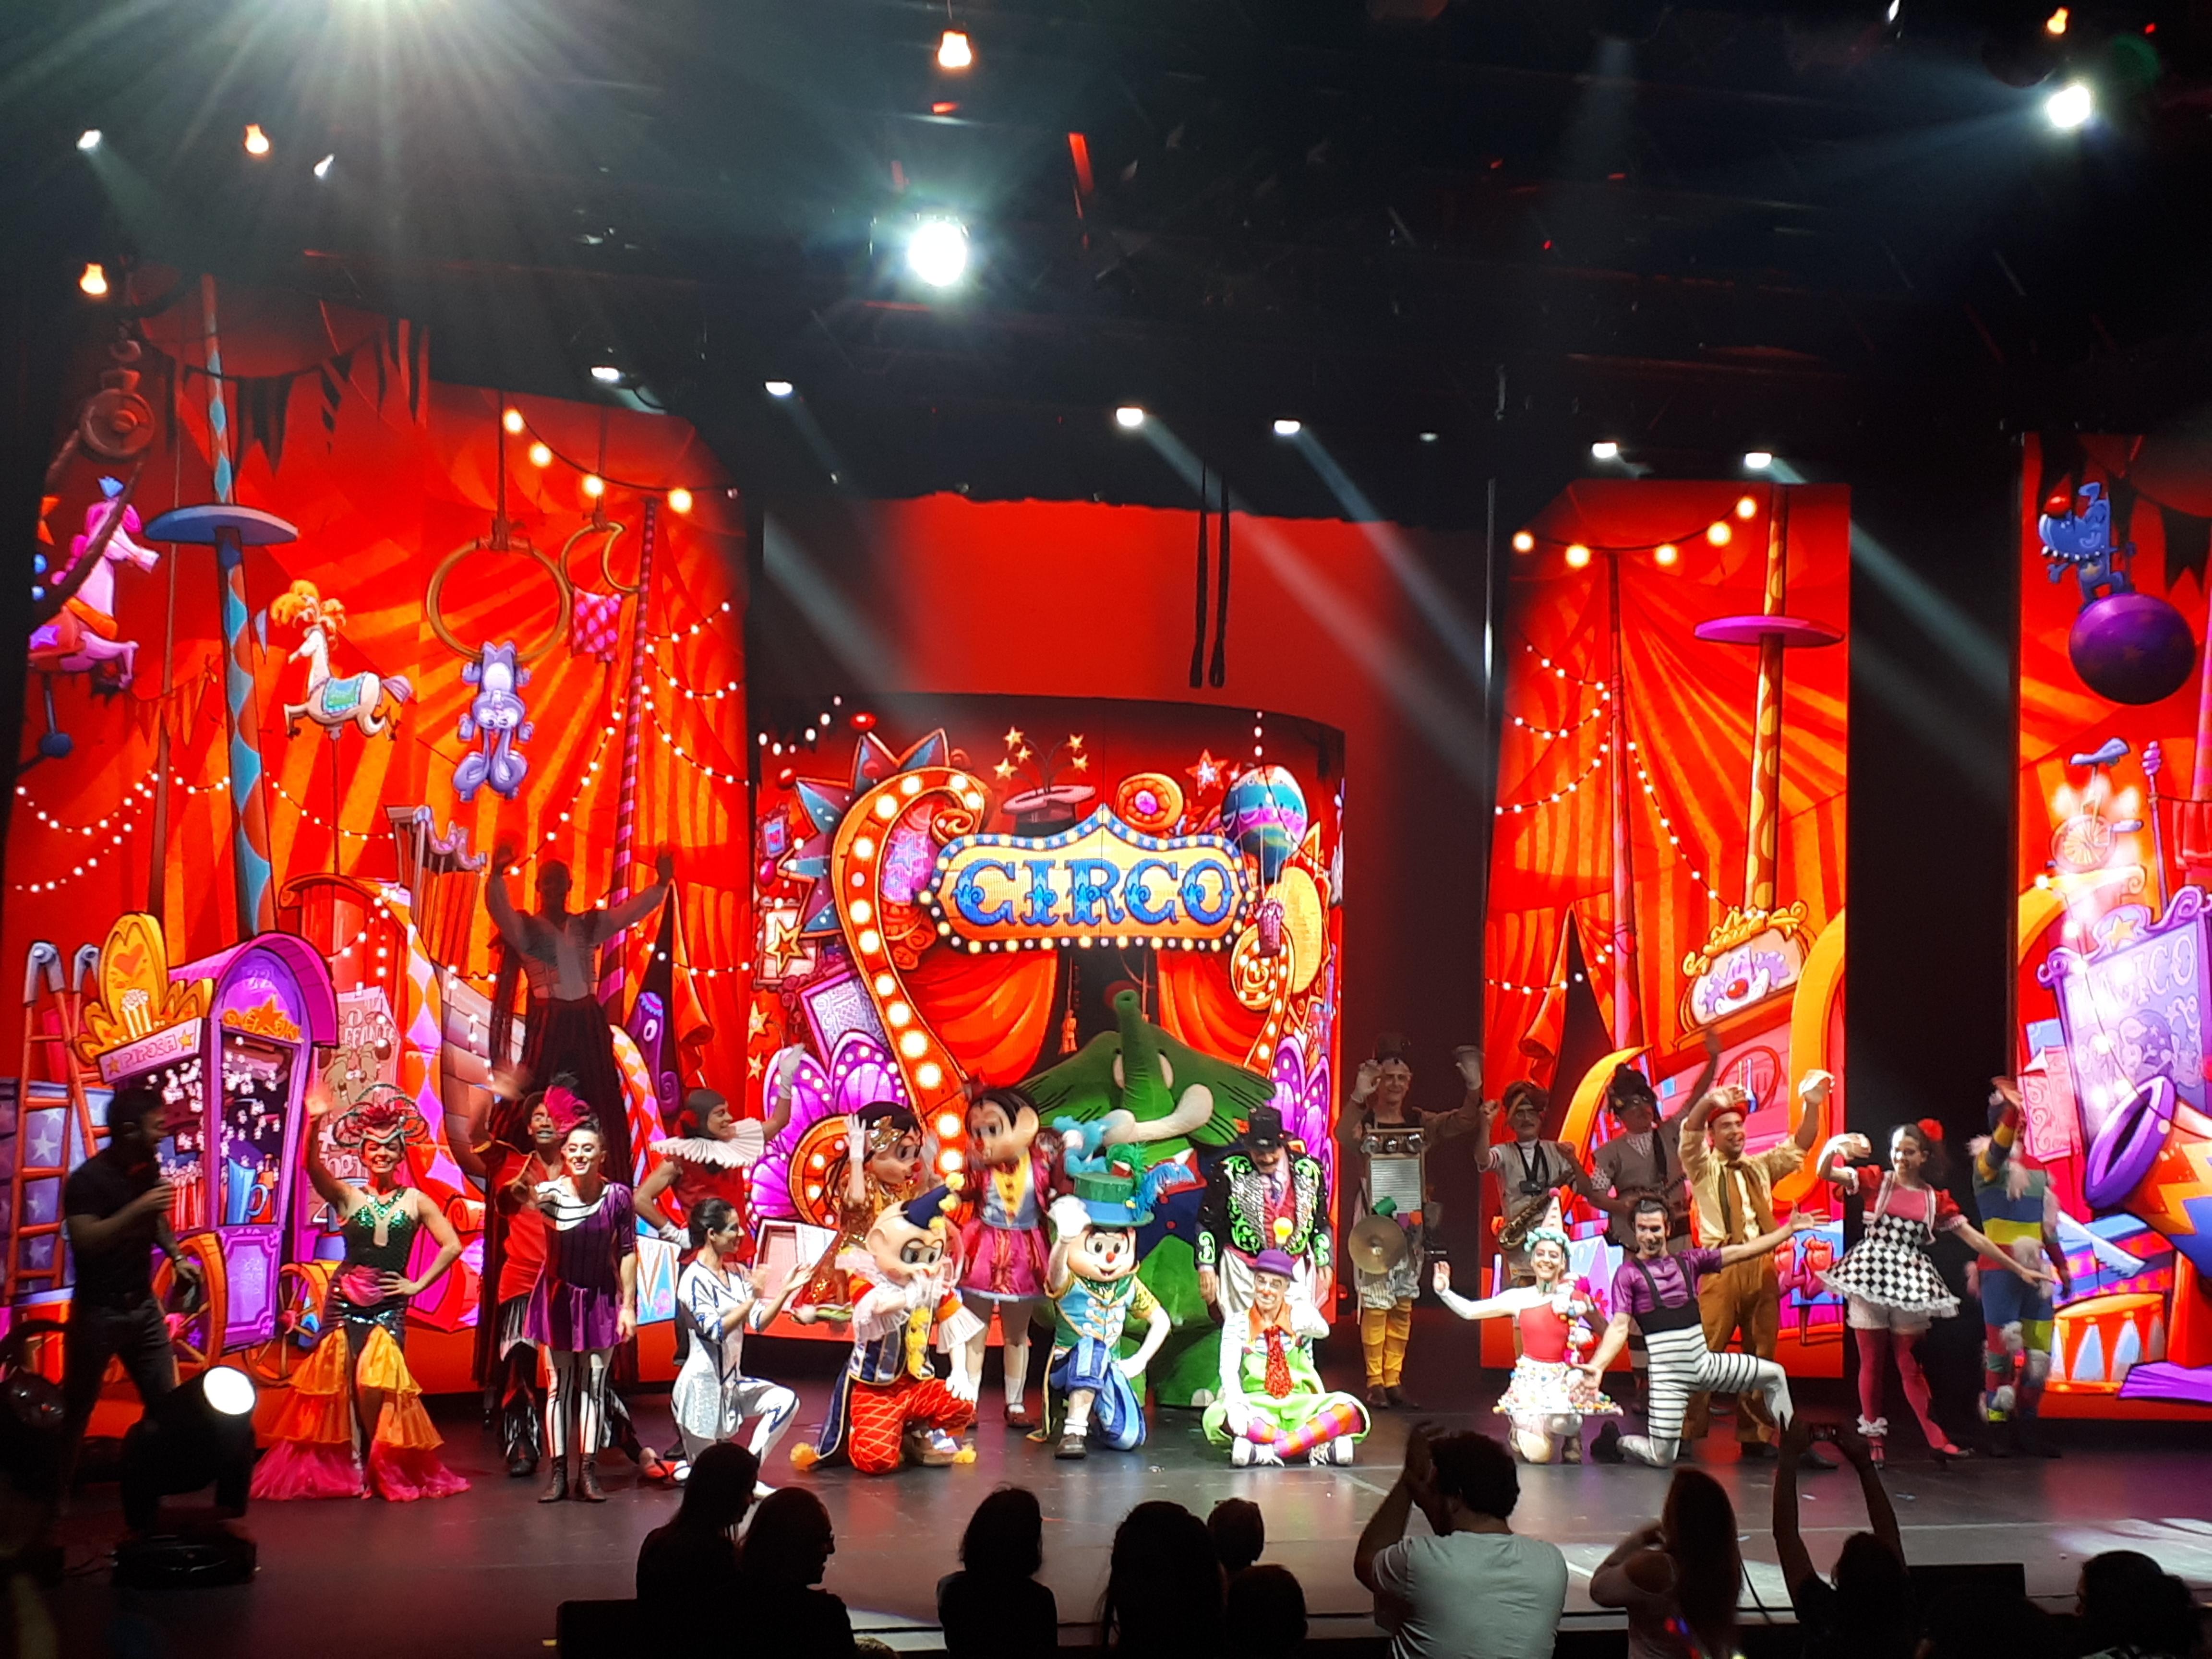 Circo da Turma da Mônica 2